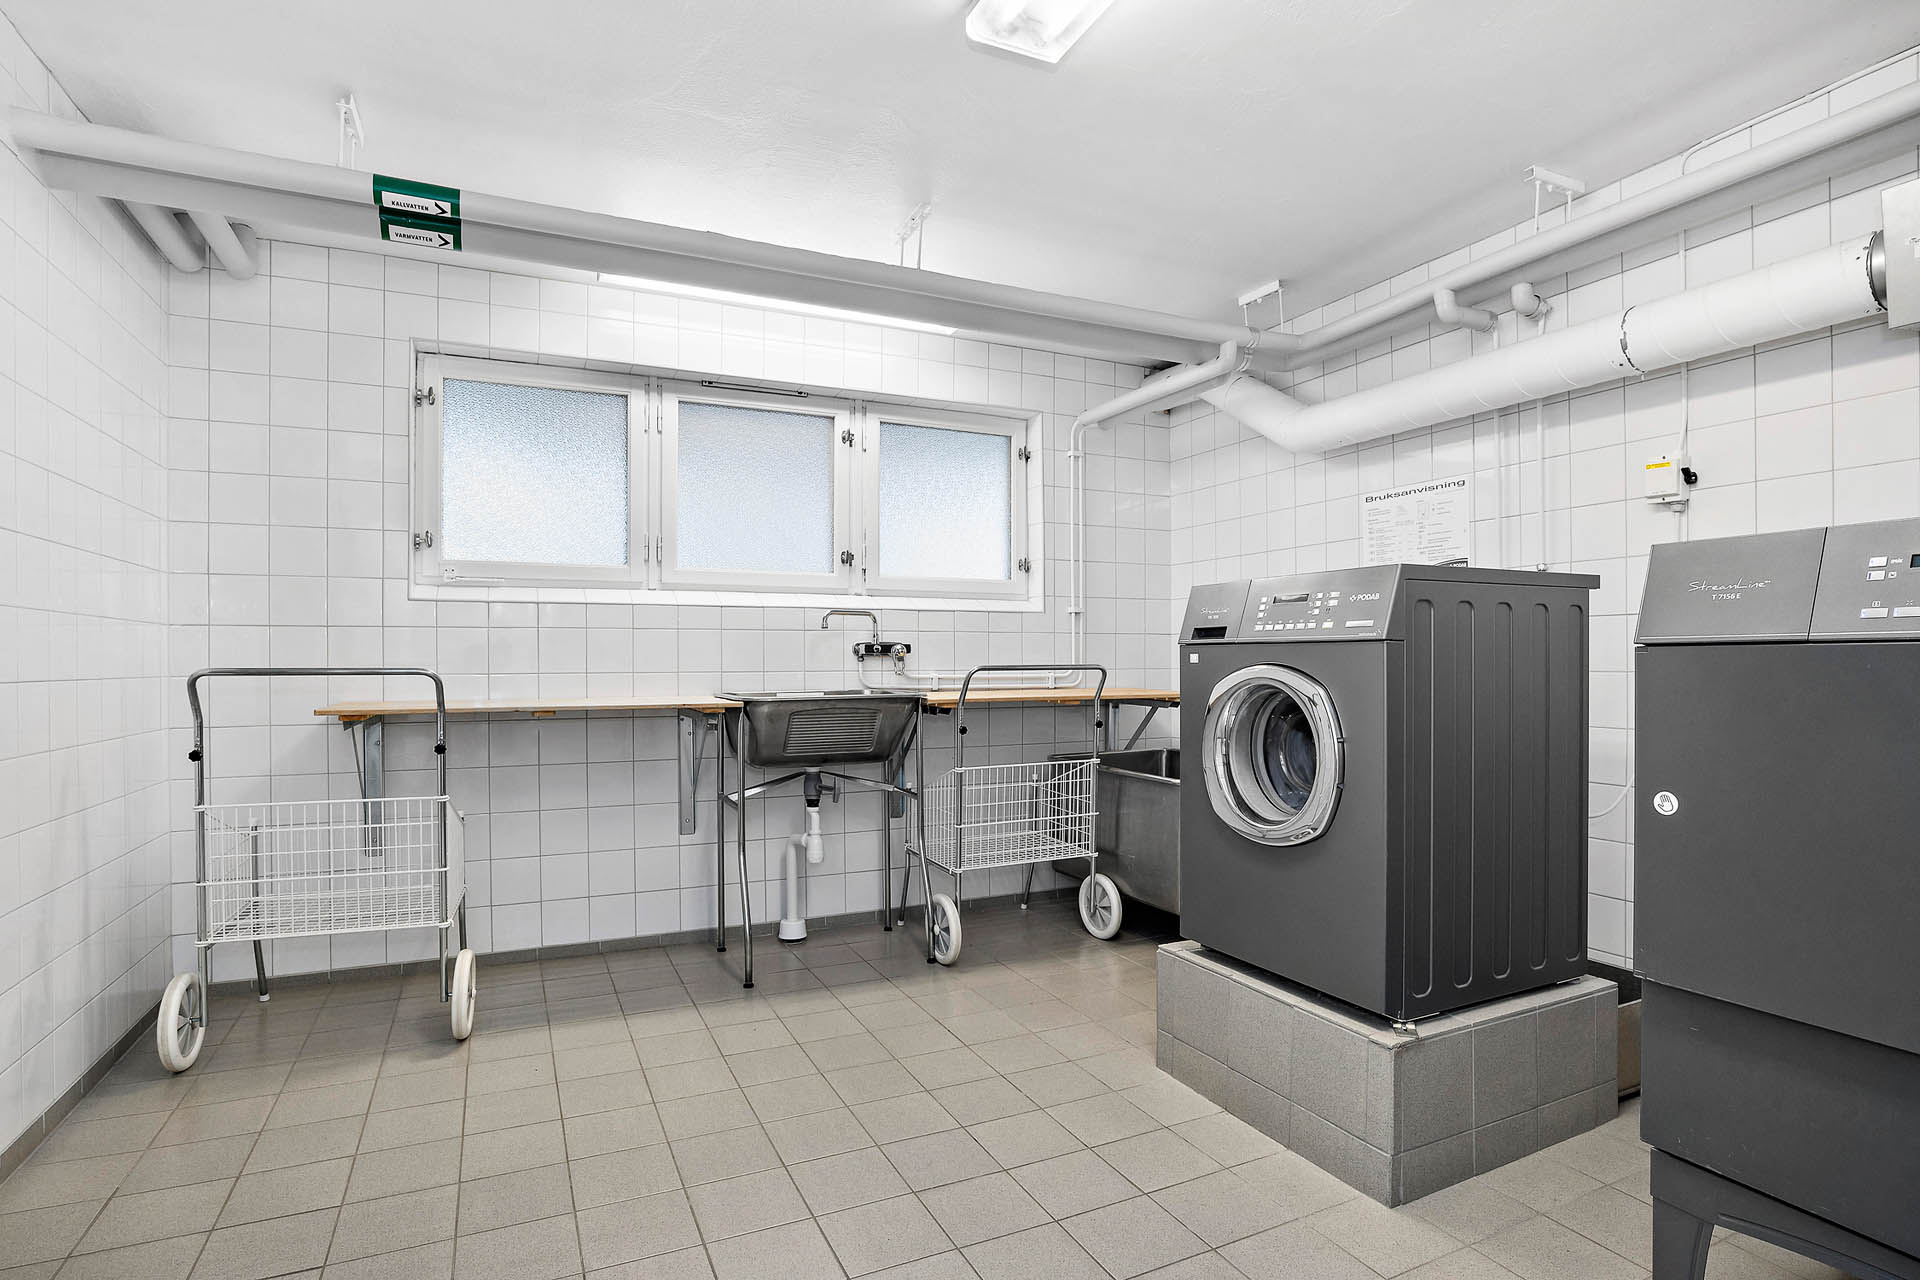 Gemensam tvättstuga i samma byggnad